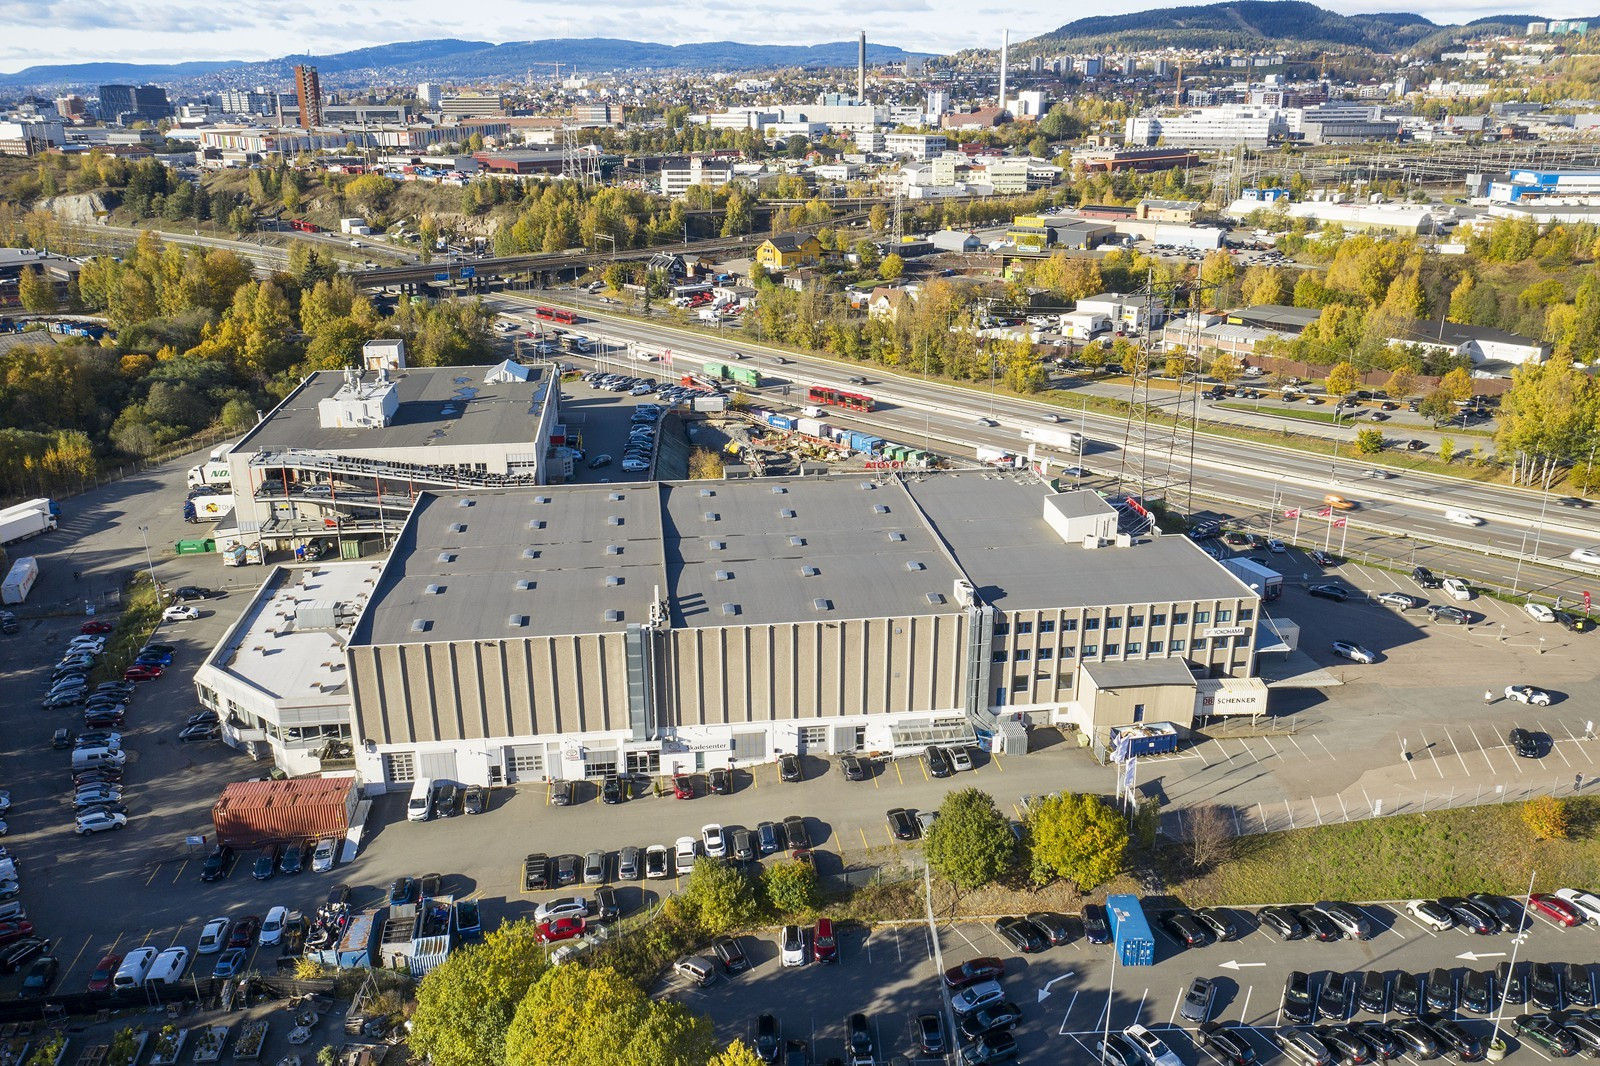 Oppmerkede parkeringsarealer med mulighet for parkering av større kjøretøy